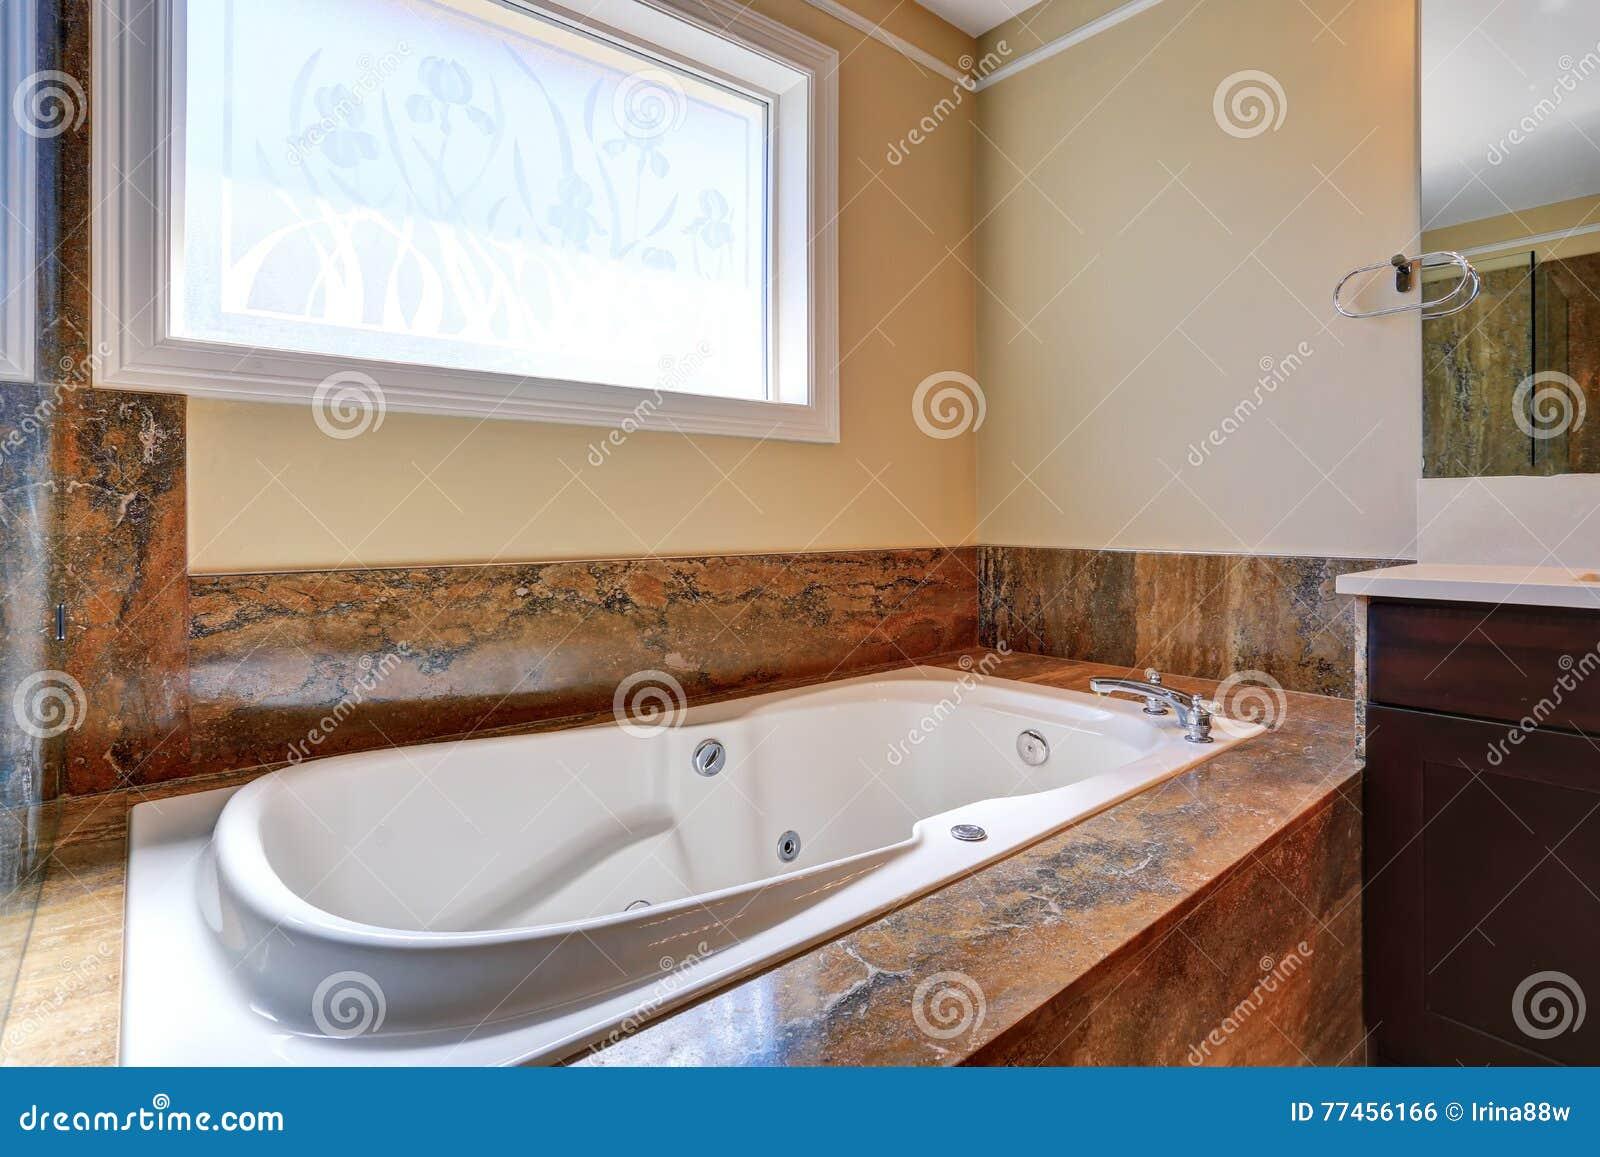 Vasca Da Bagno Disegno : Interno di lusso del bagno con la vasca da bagno bianca con